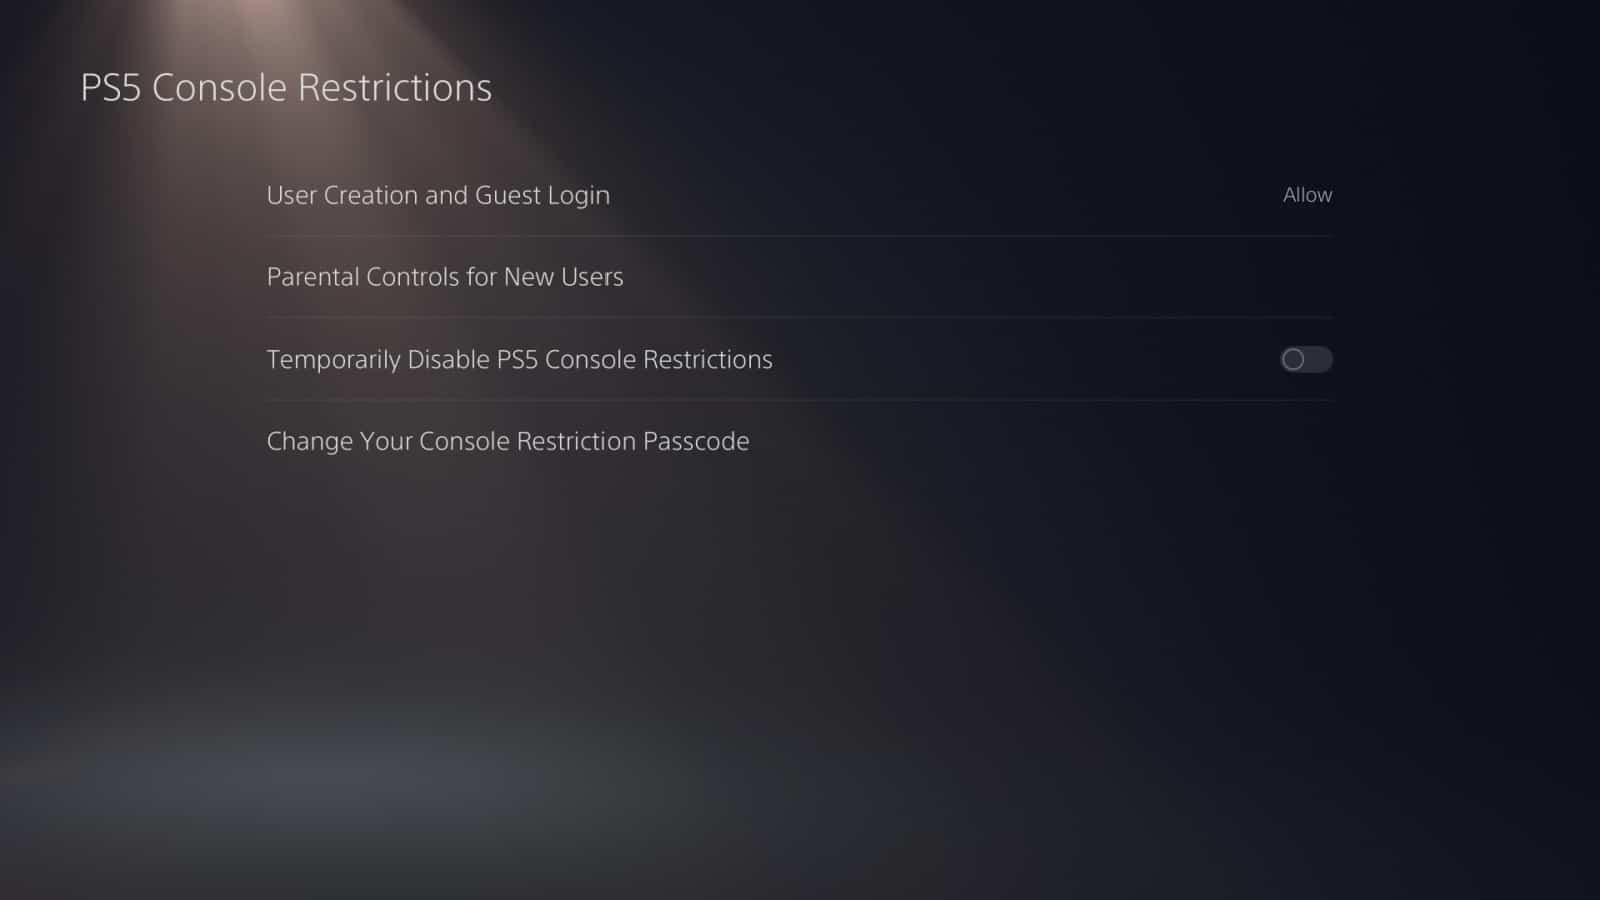 PS5 Parental Controls 1